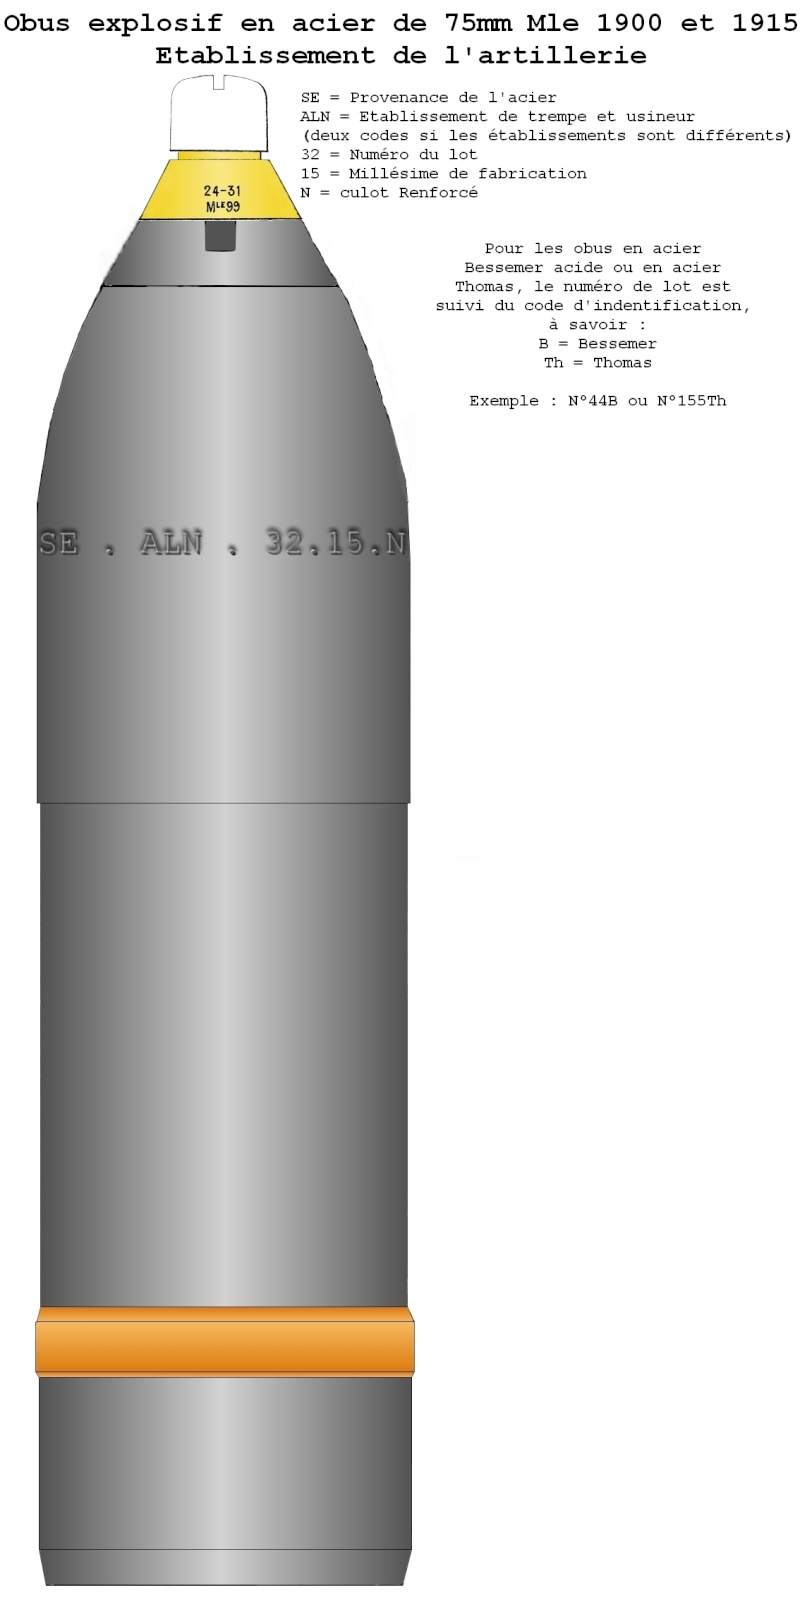 Marquages à froid des obus de 75 français Obus_e13